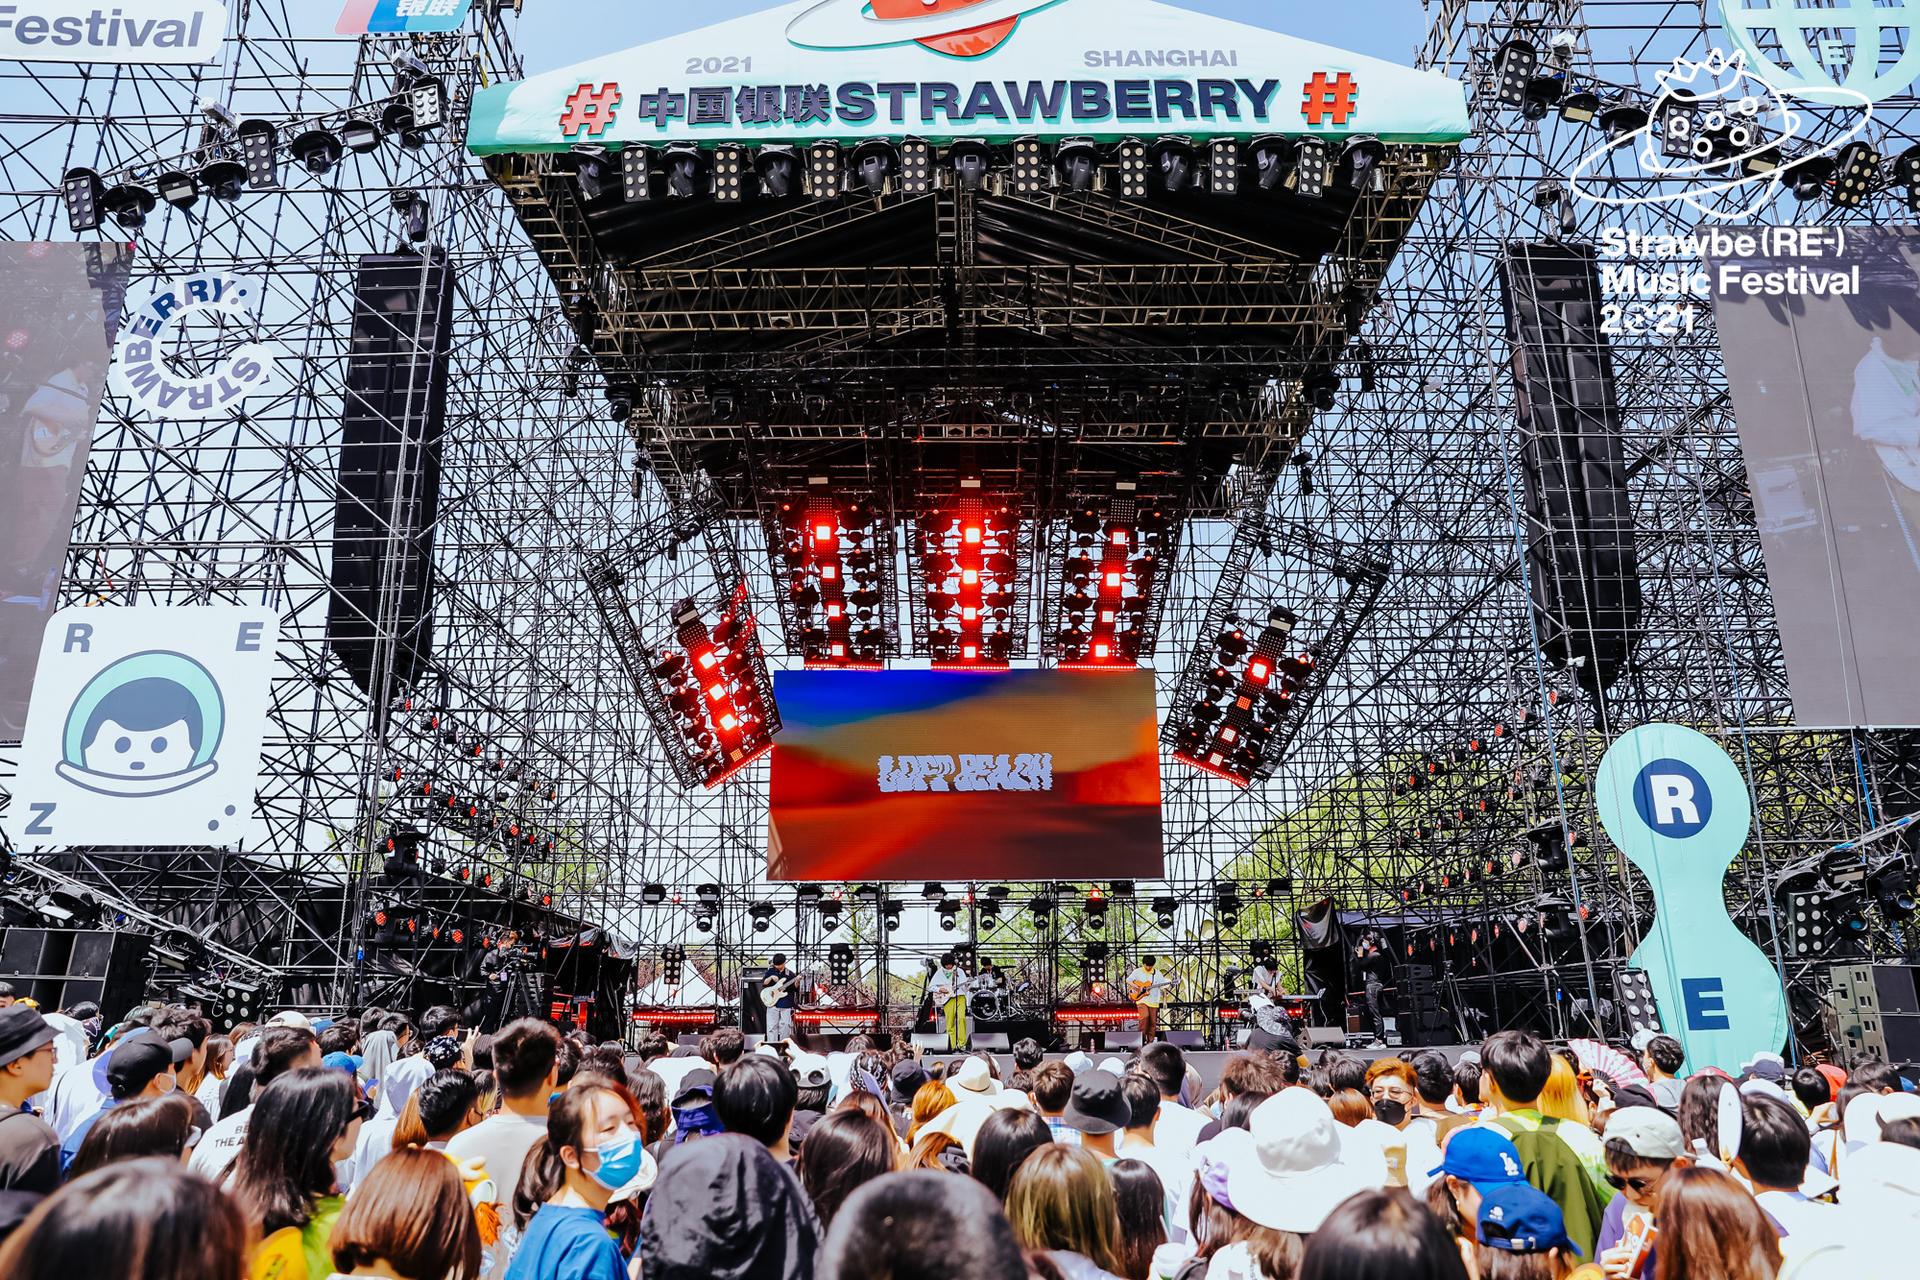 2021上海草莓音乐节活动策划阵容强大到就算吃土也要去浪